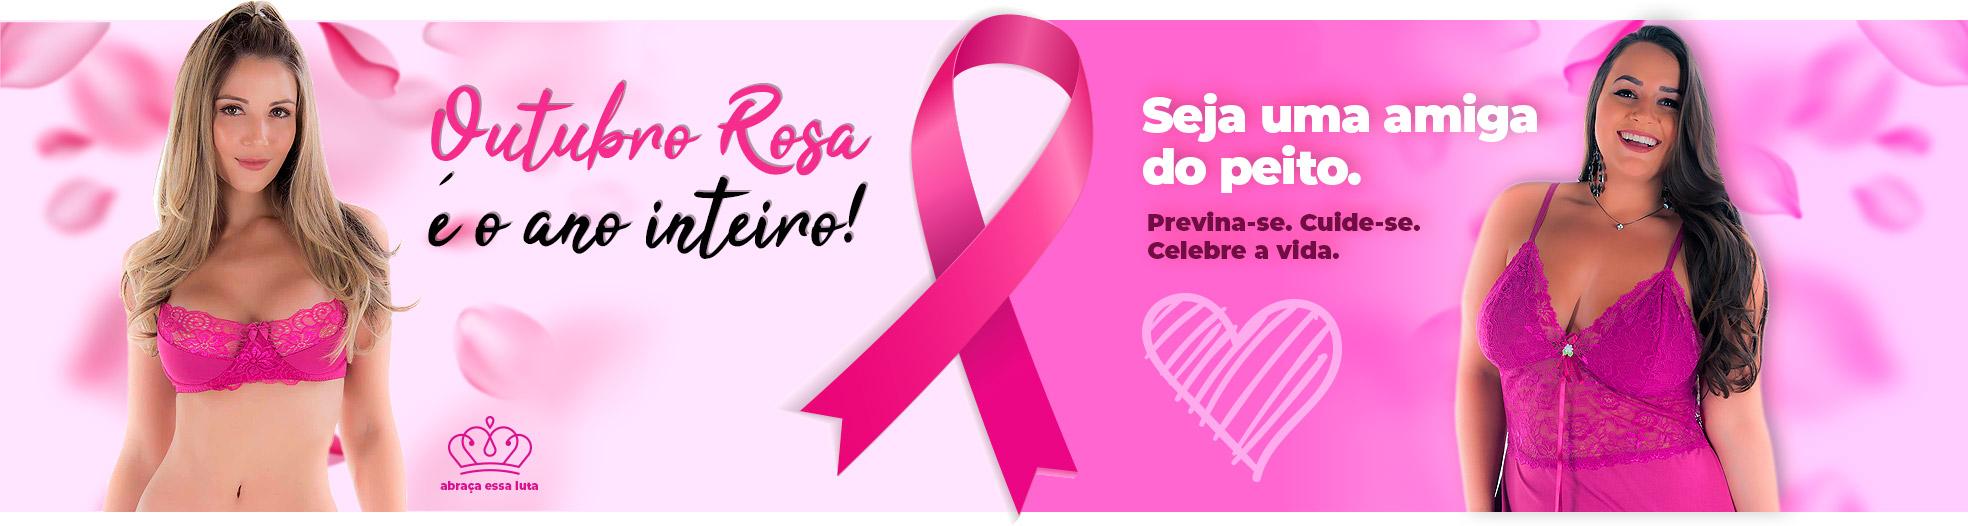 Outubro Rosa na ClickSophia